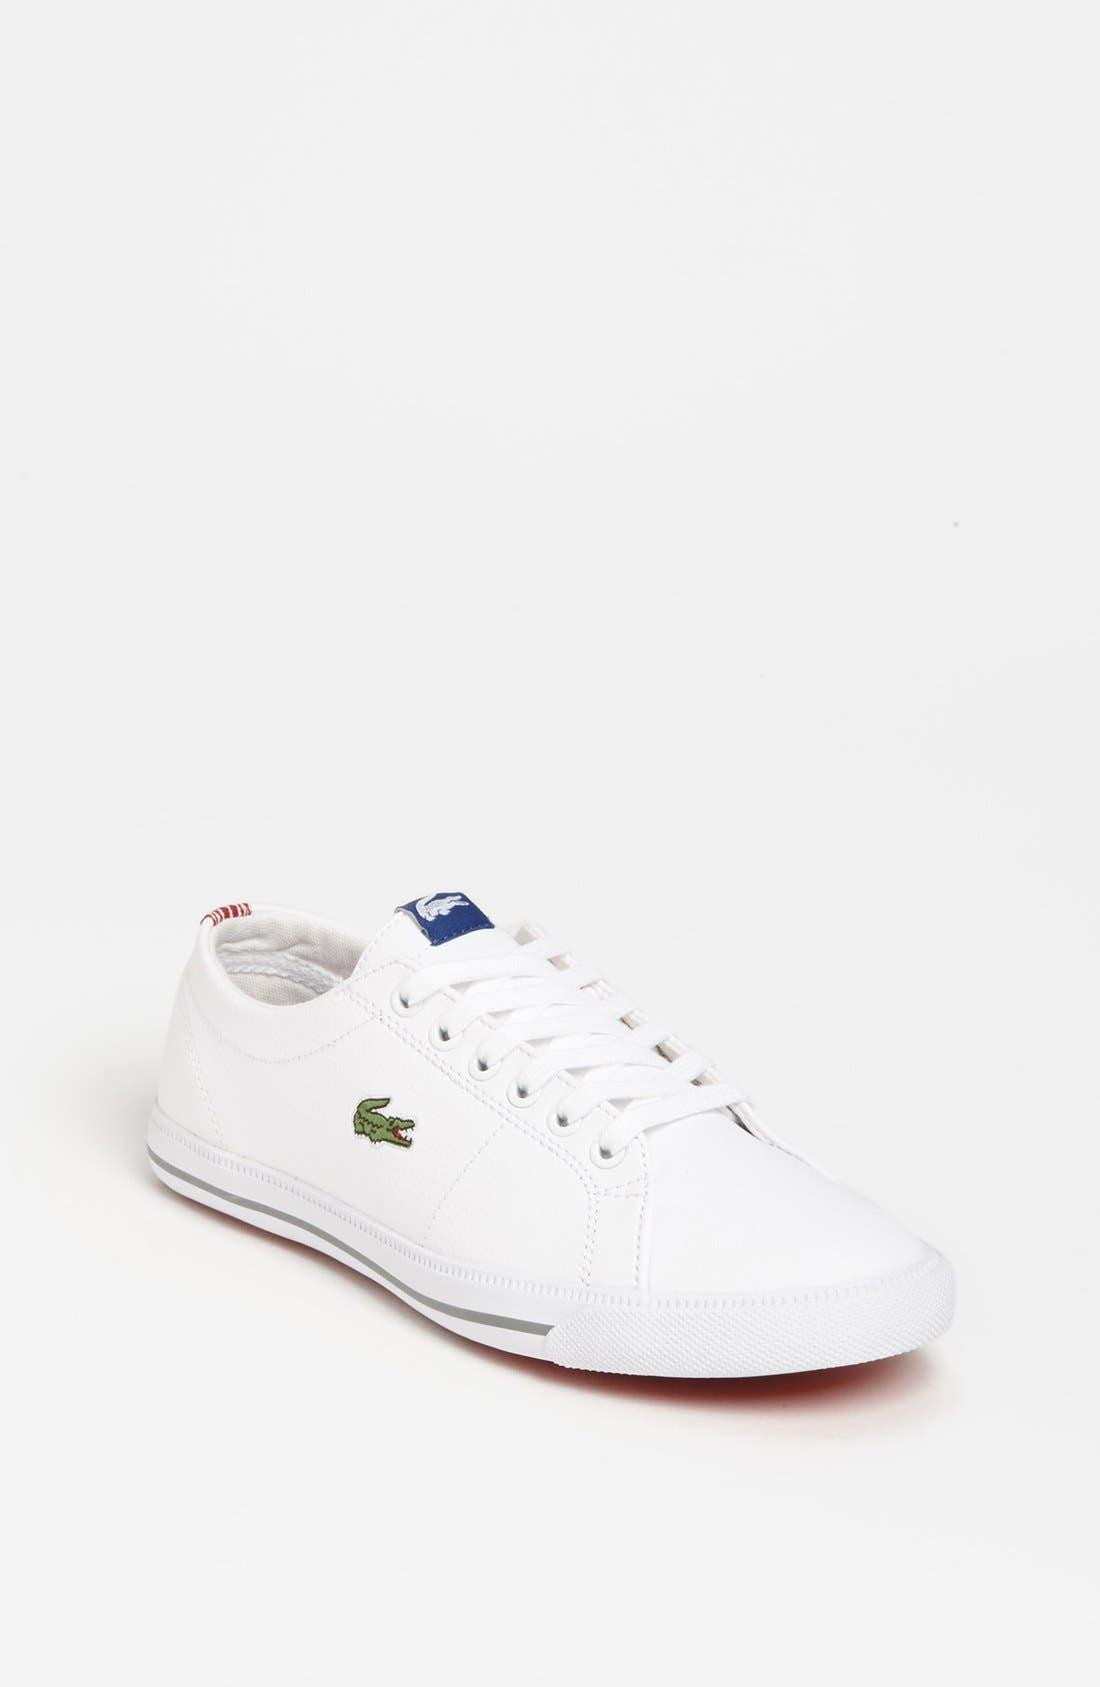 Main Image - Lacoste 'Marcel' Sneaker (Little Kid & Big Kid)